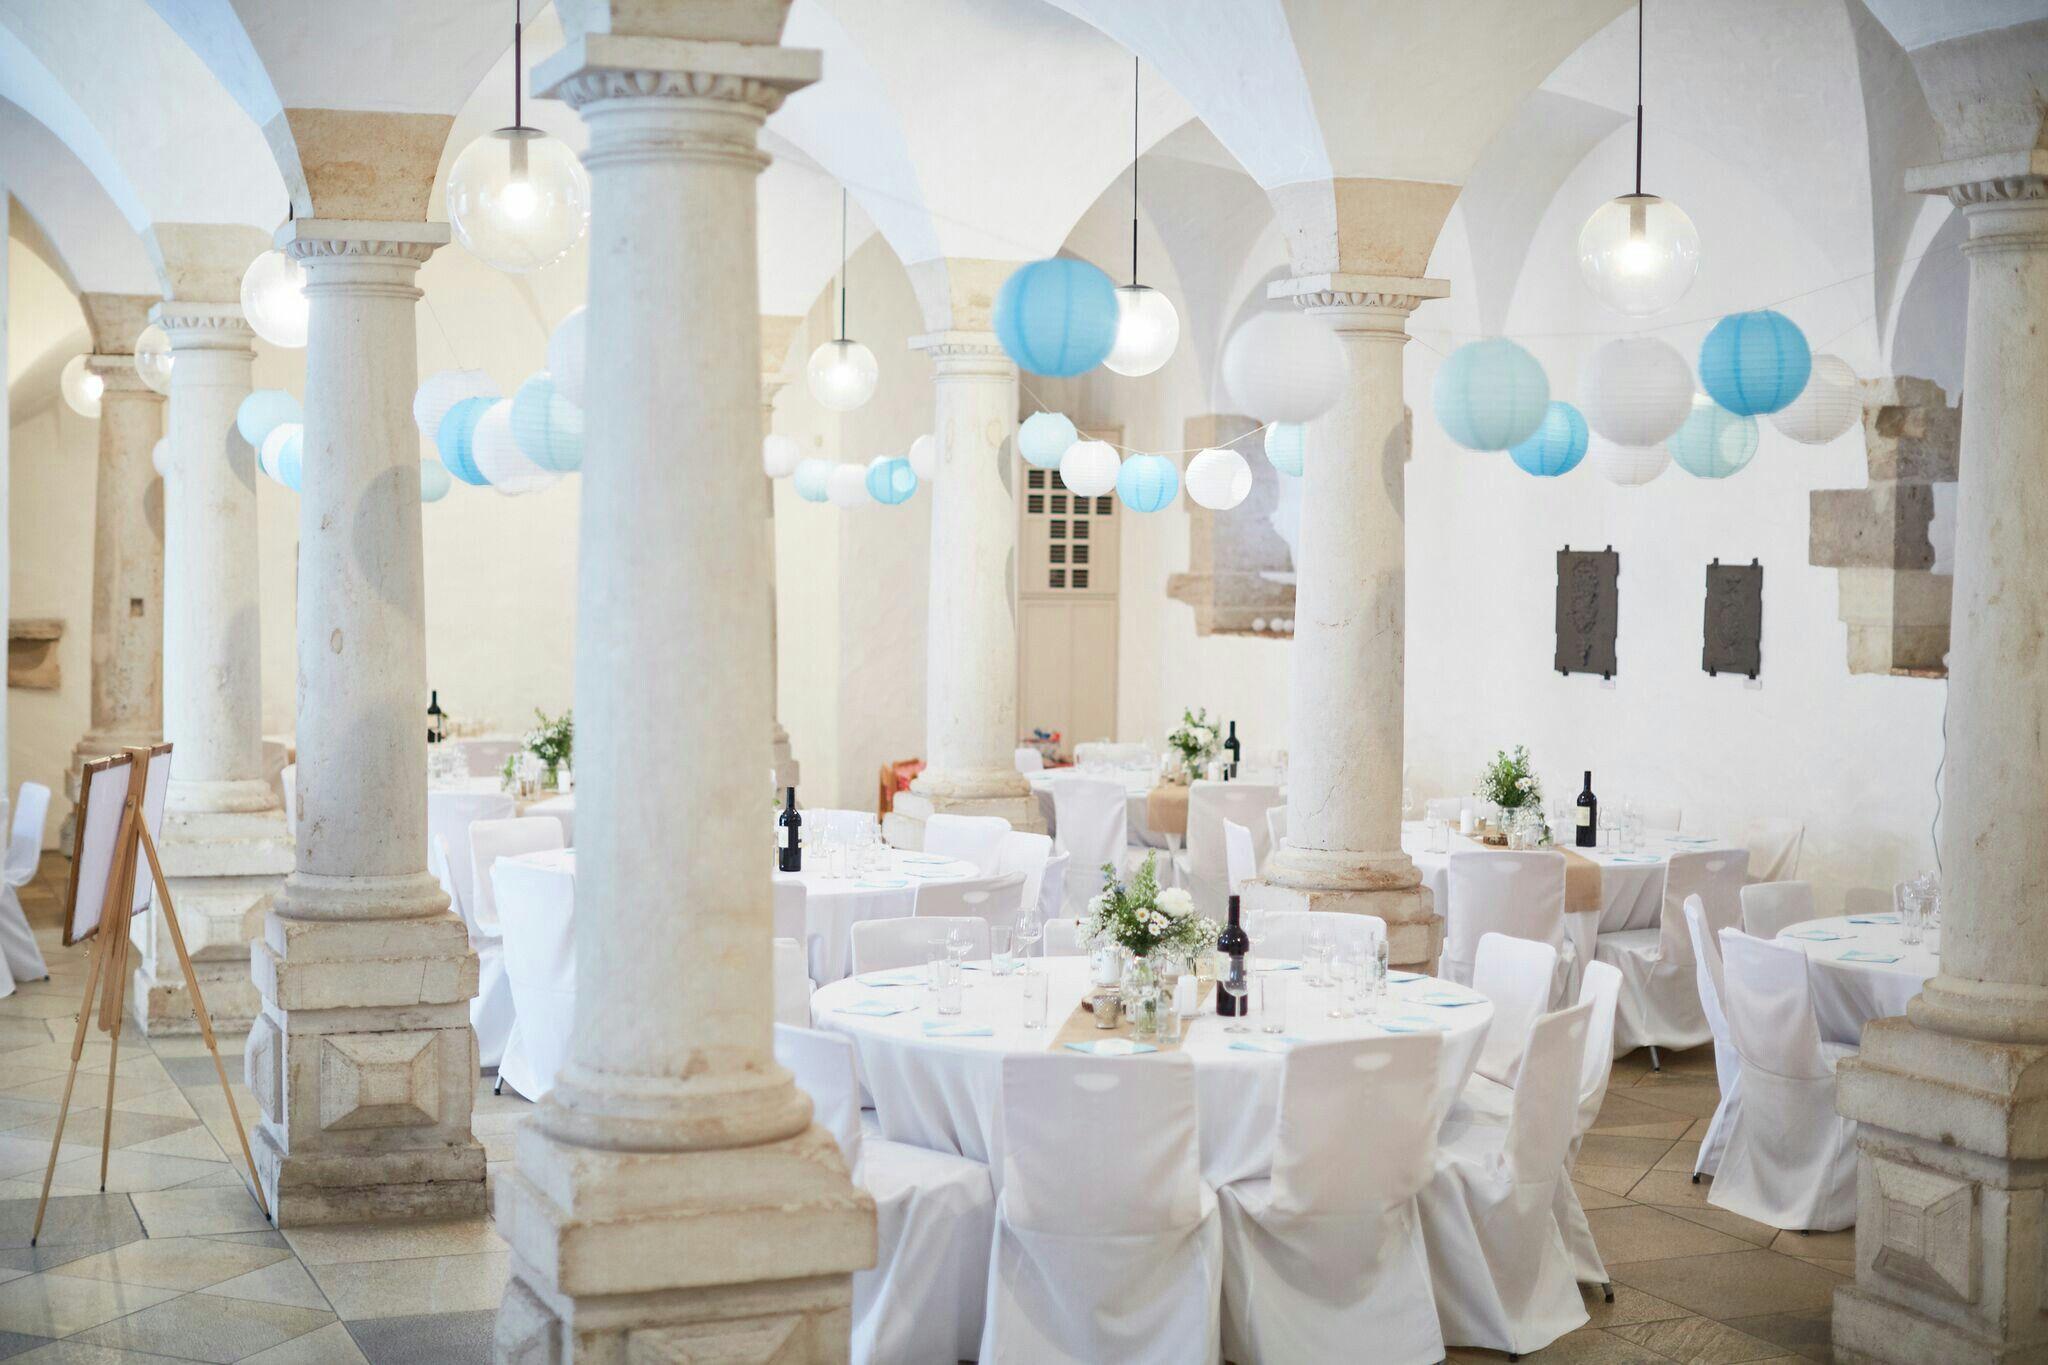 Hochzeit Raumdekoration Lampions Hochzeit Pinterest